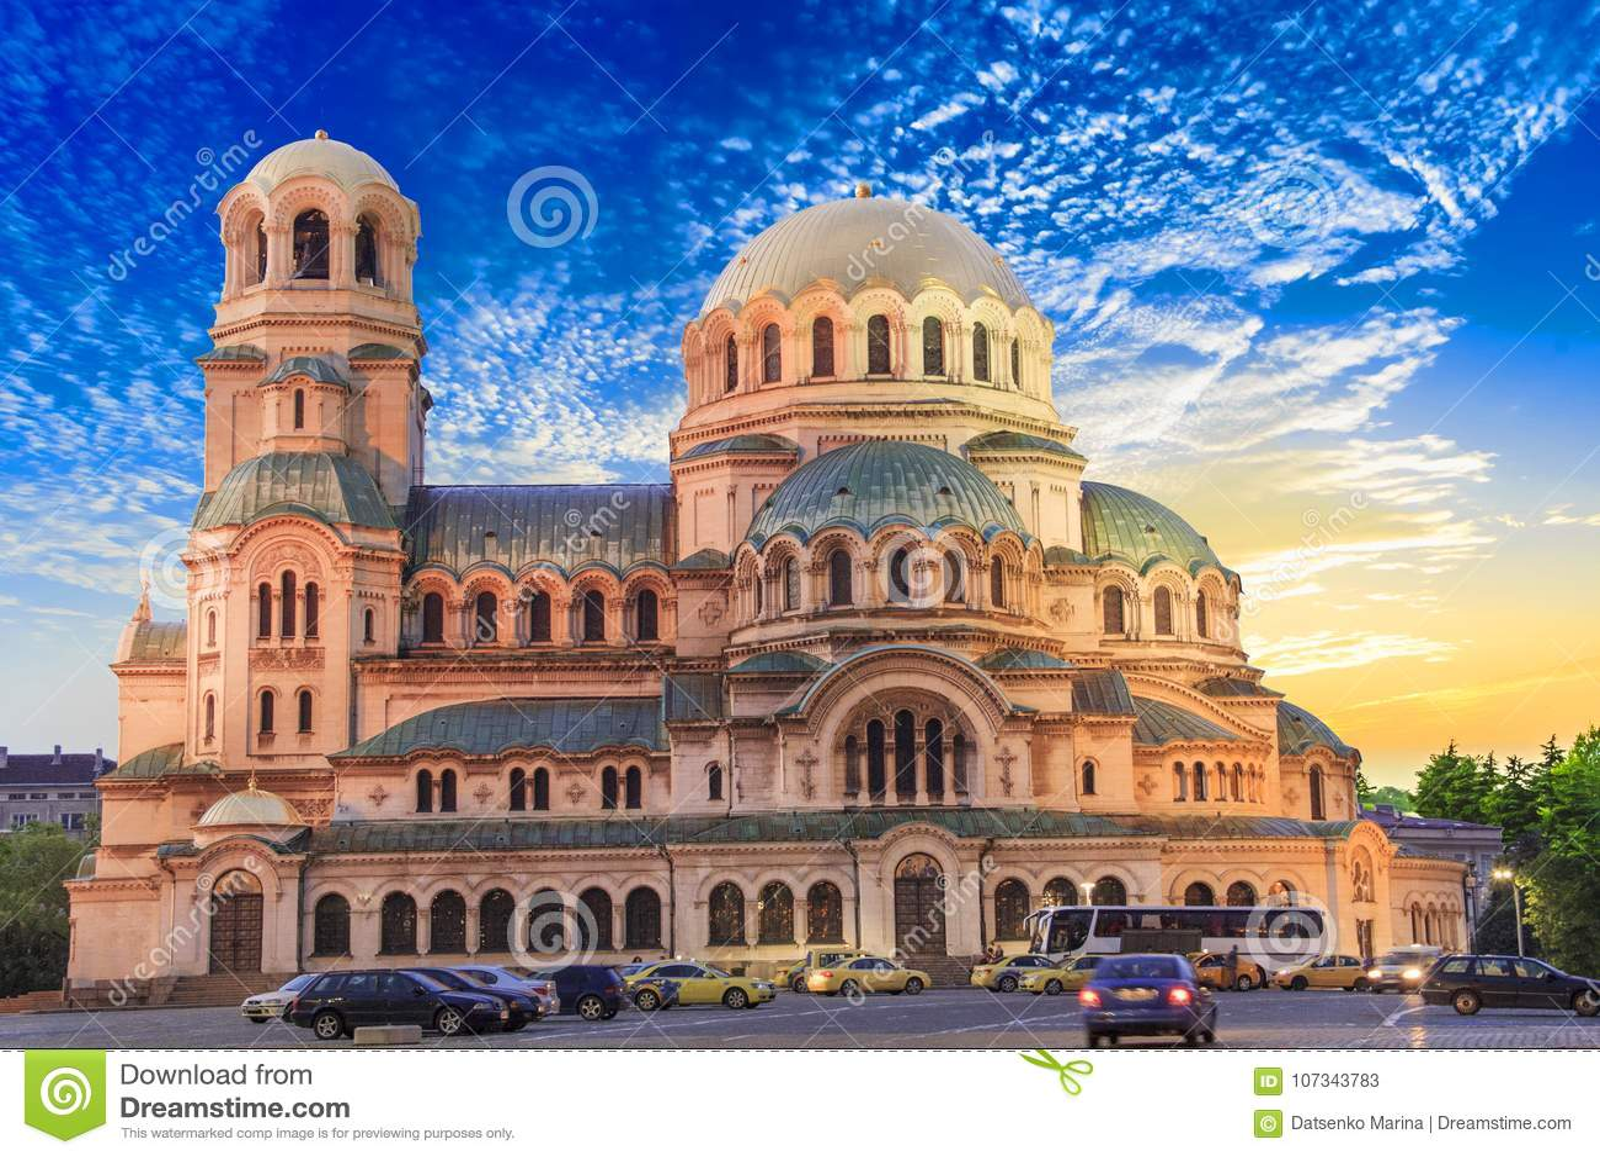 Eine schöne Ansicht Alexander Nevsky Cathedrals in Sofia, Bulgarien